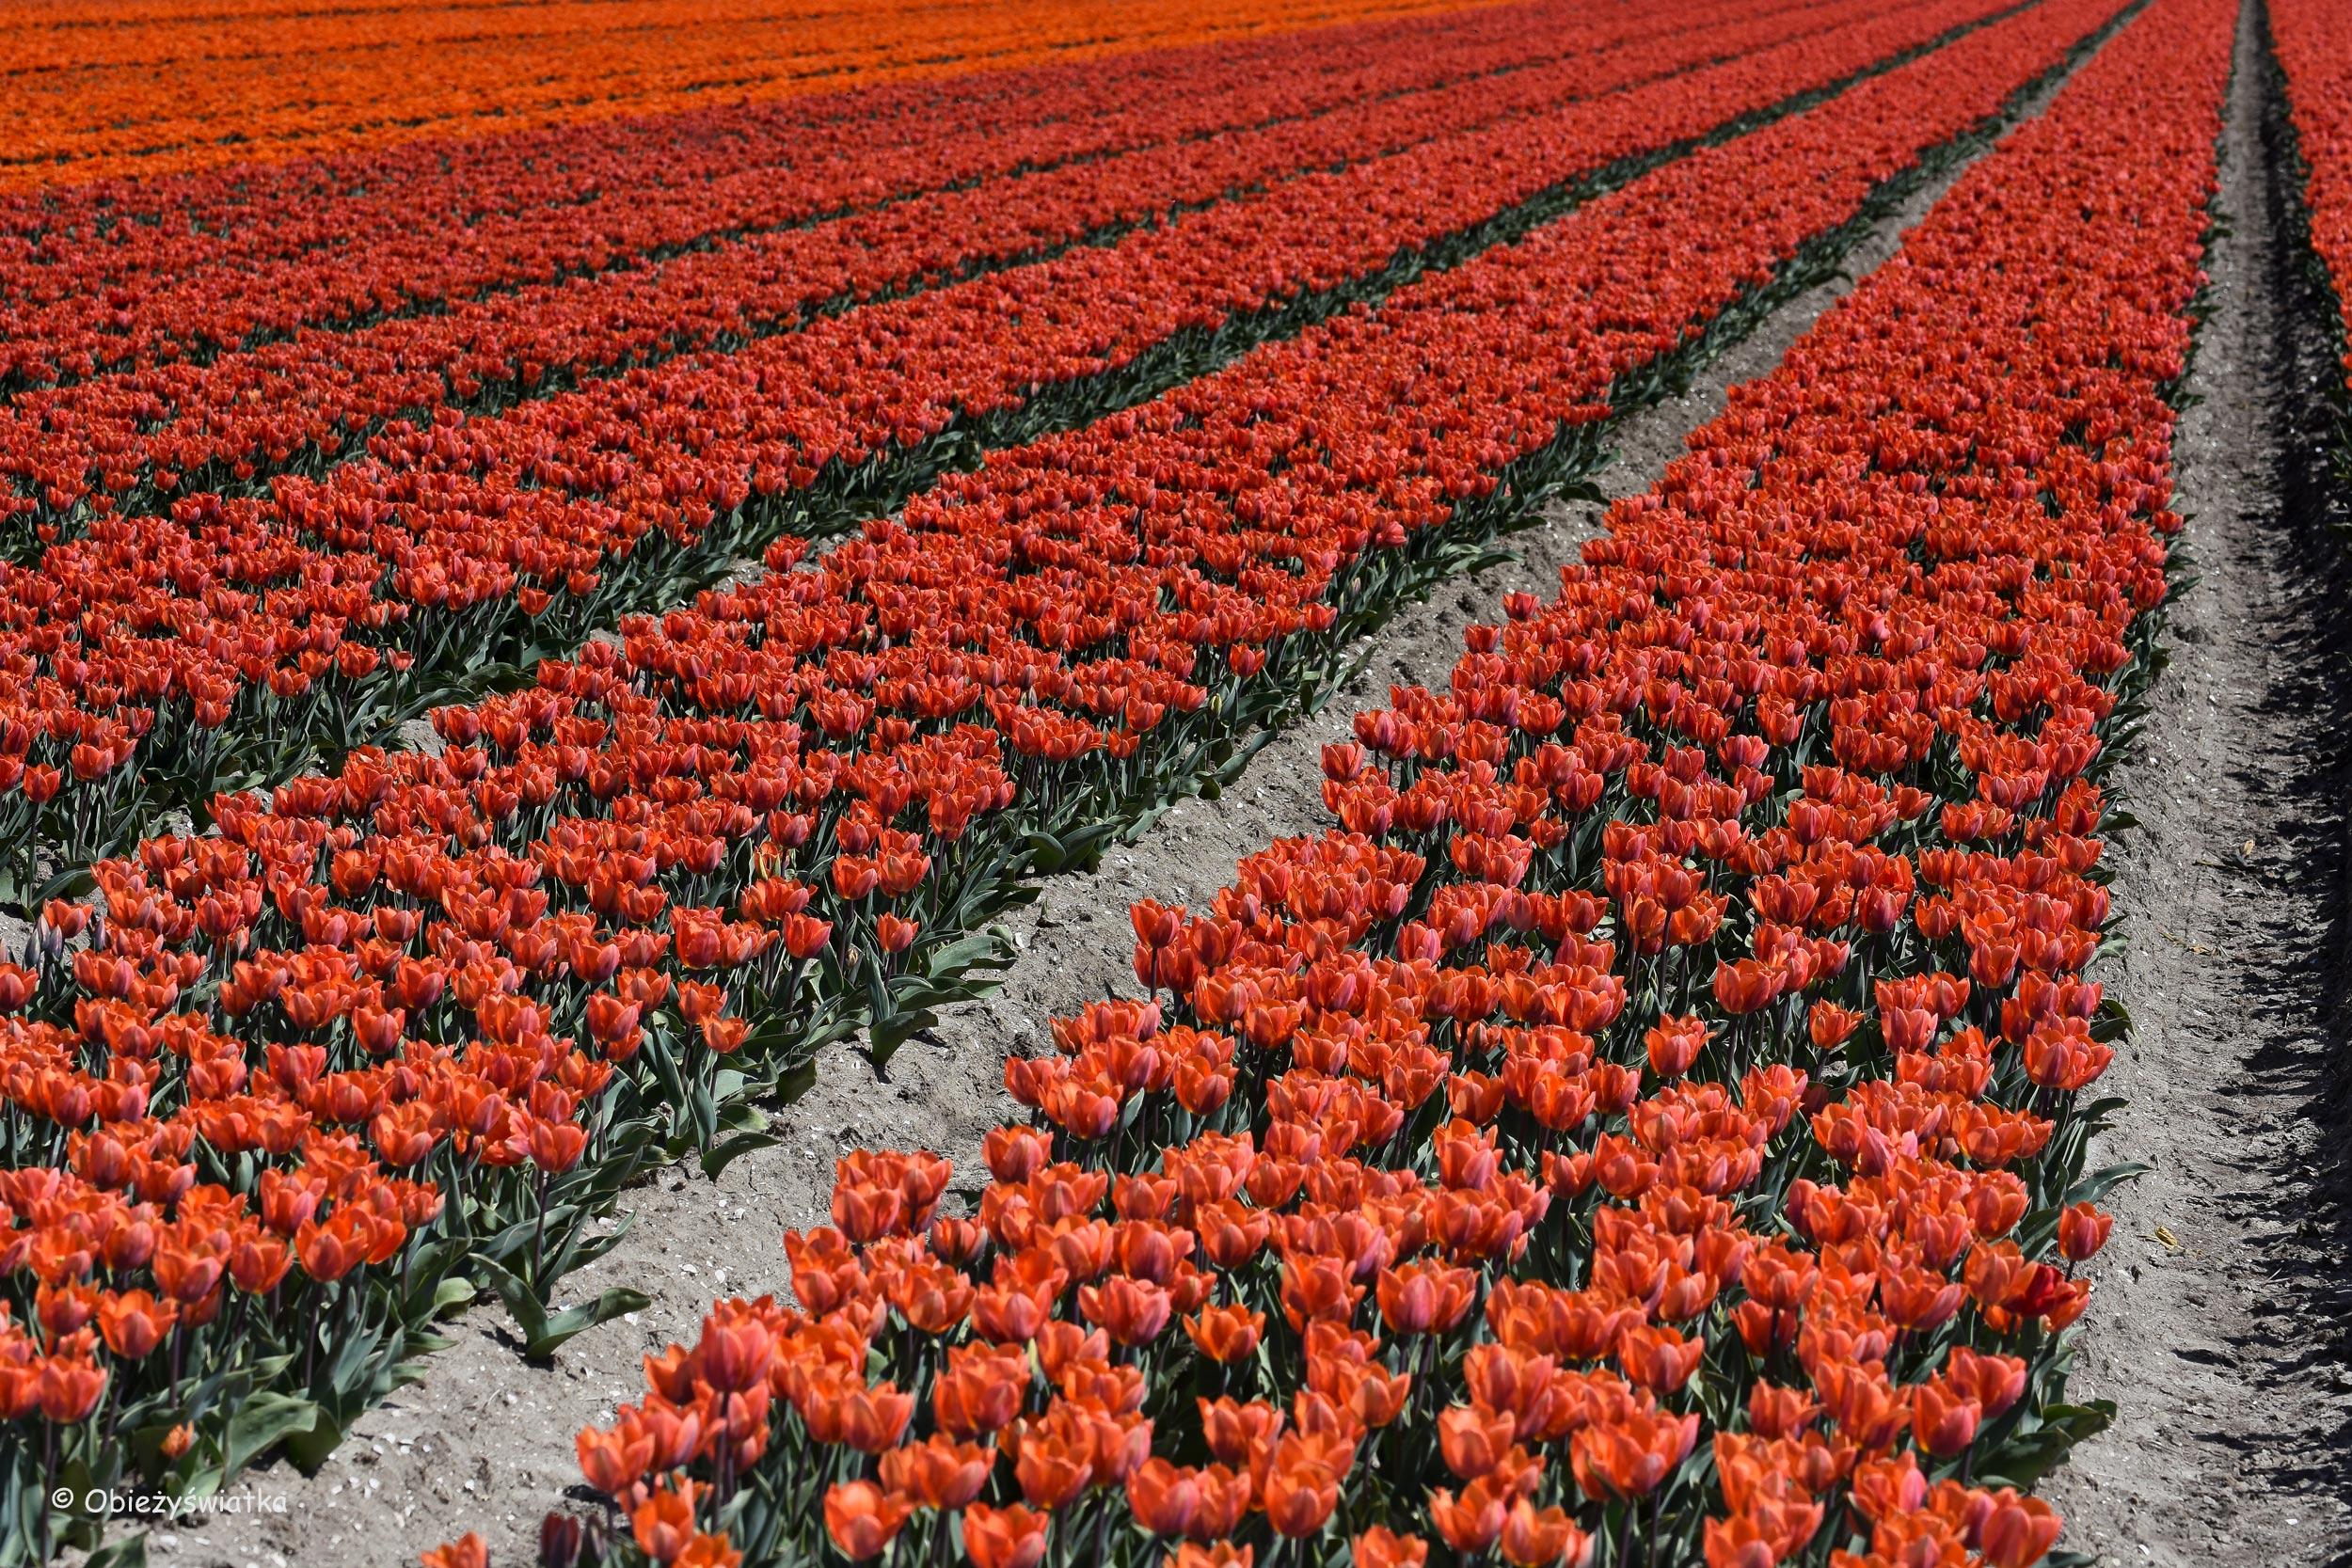 Tulipanowe pola w Holandii - równiutko, w rządkach...